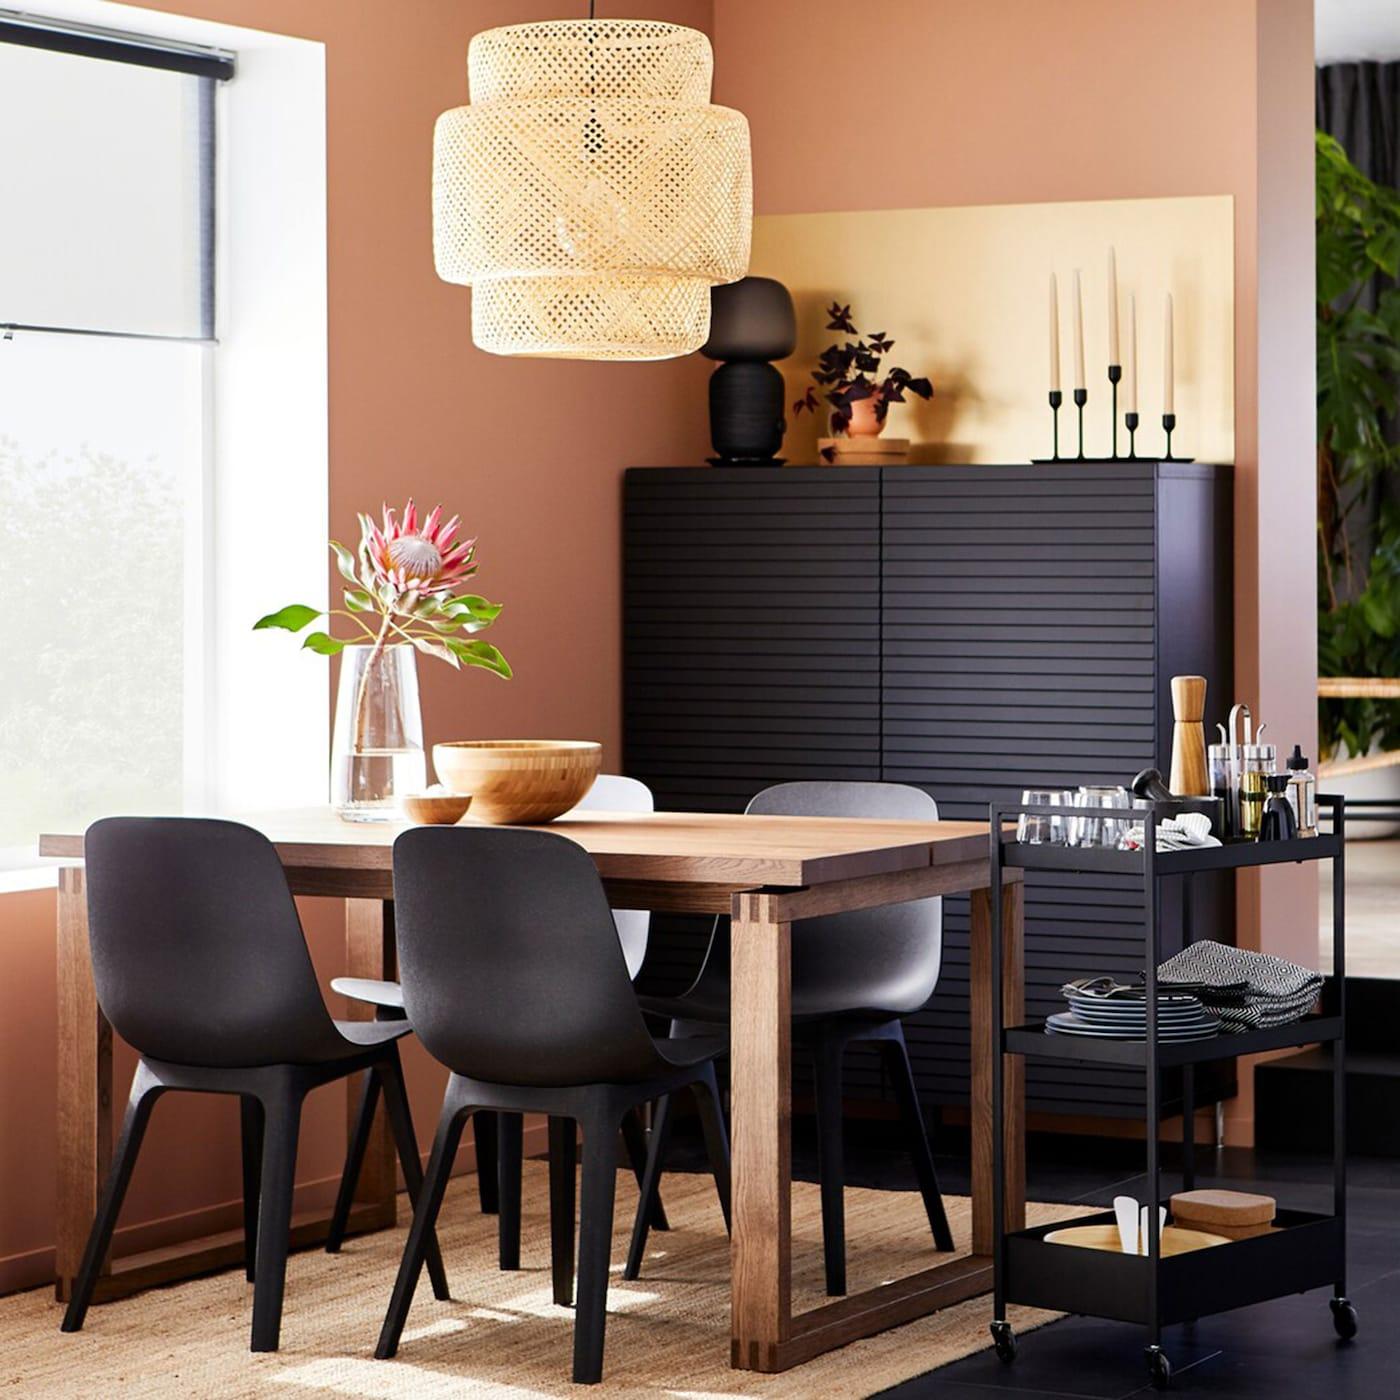 Dining Room Furniture | Dining Room Ideas   IKEA